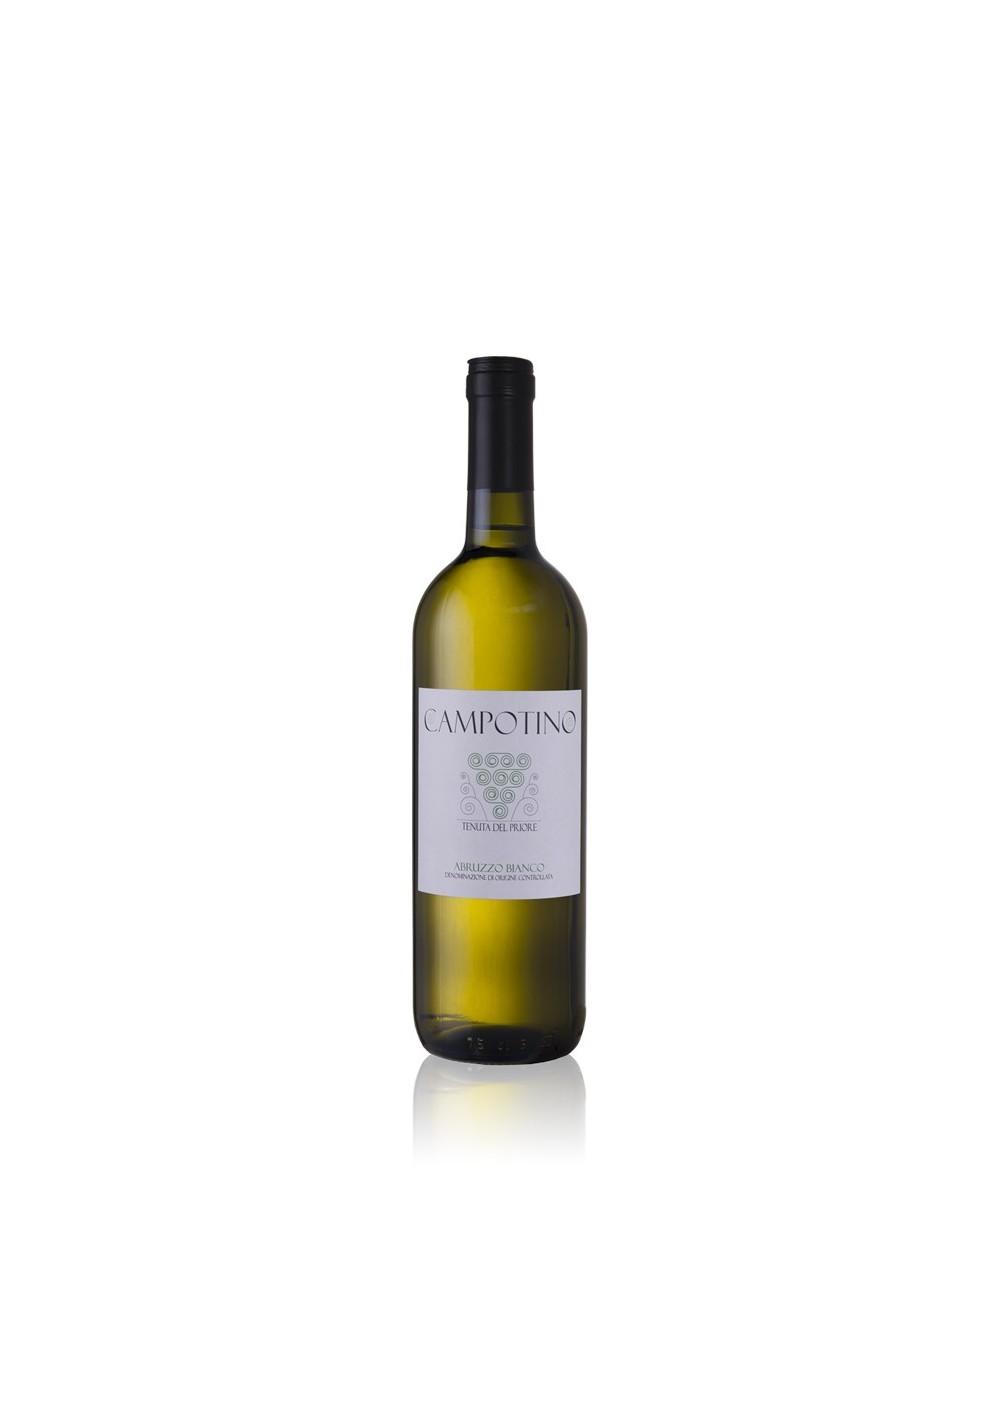 Abruzzo Bianco 'Campotino' - Priore